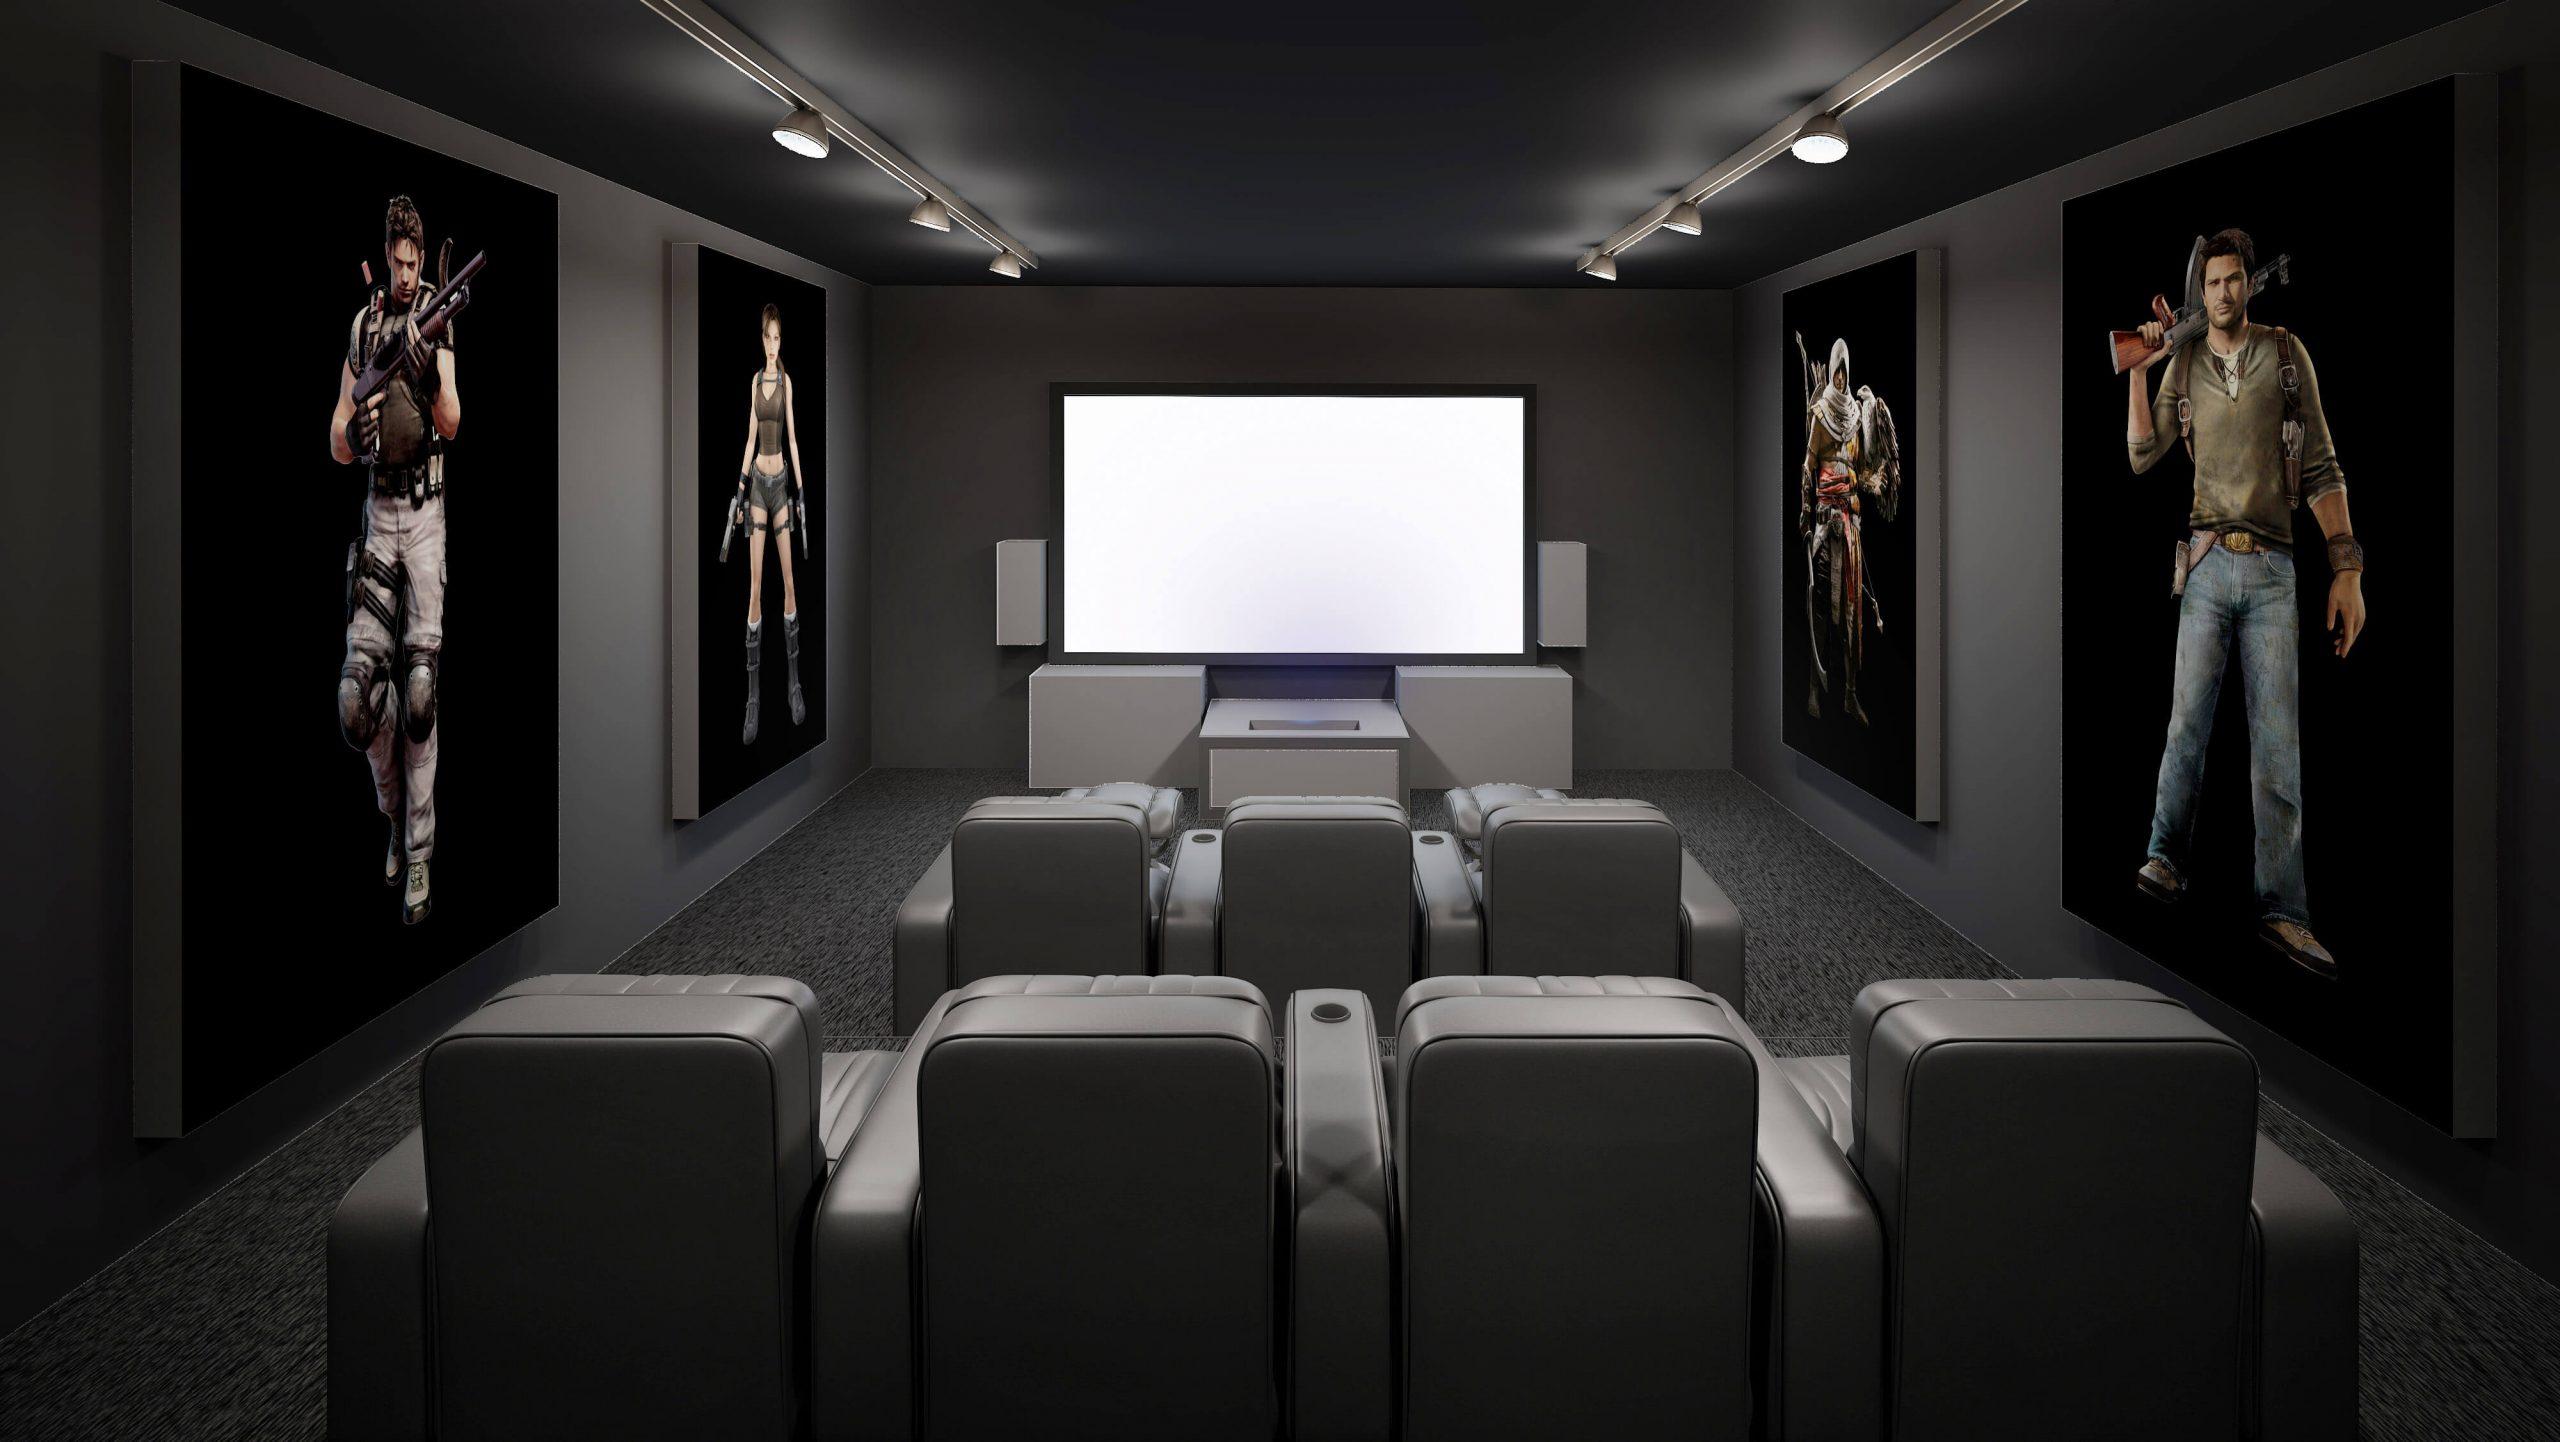 انواع طرح دکور اتاق های سینما خصوصی